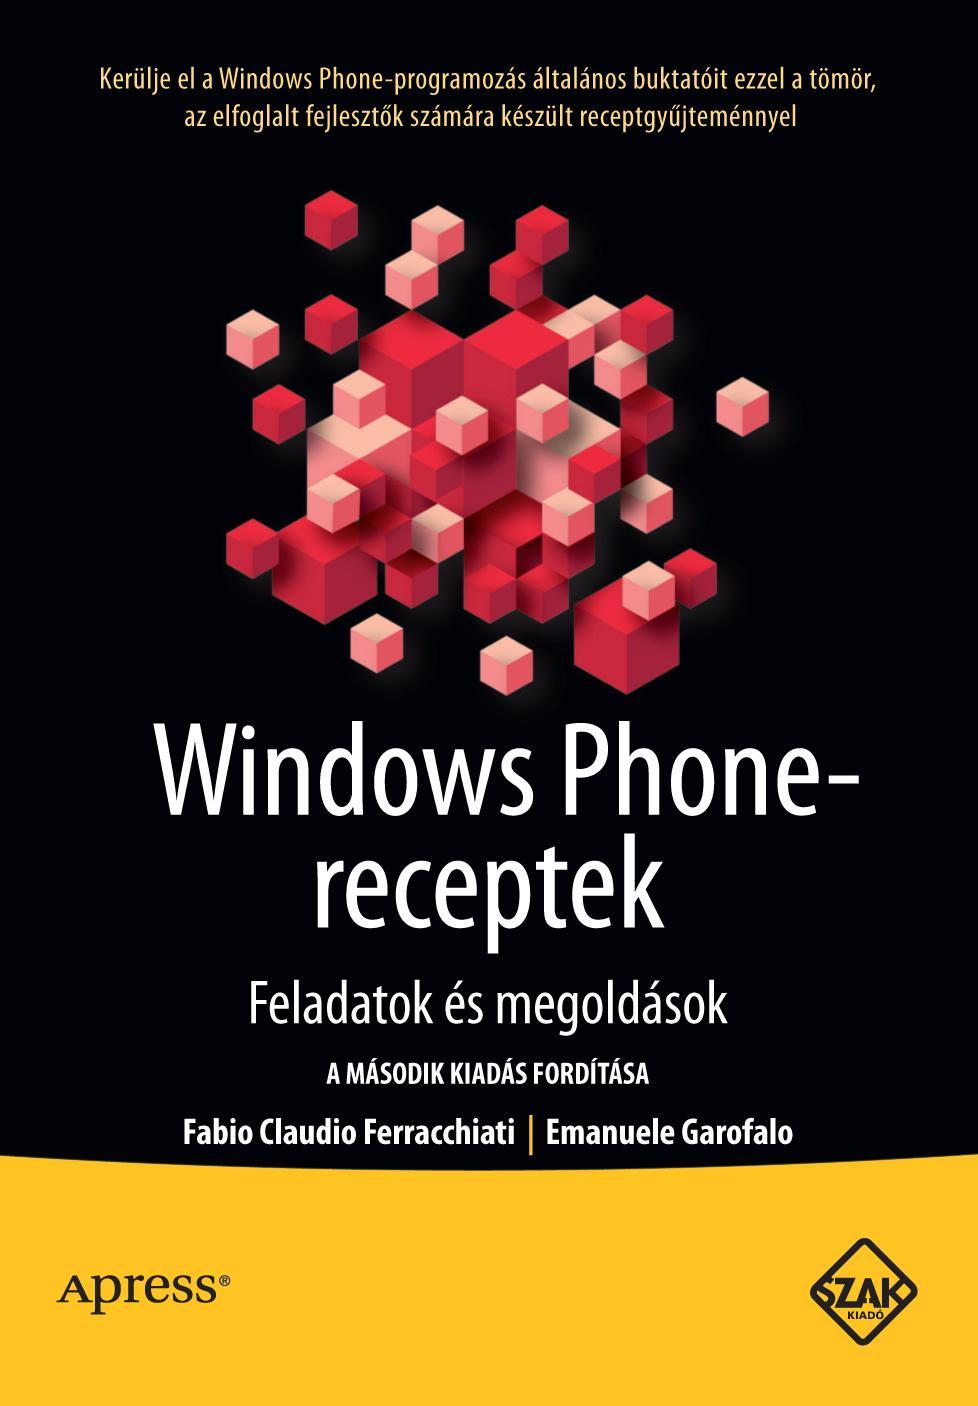 FERRACCHIATI, FABIO CLAUDIO-GAROFALO, EM - WINDOWS PHONE-RECEPTEK - FELADATOK ÉS MEGOLDÁSOK